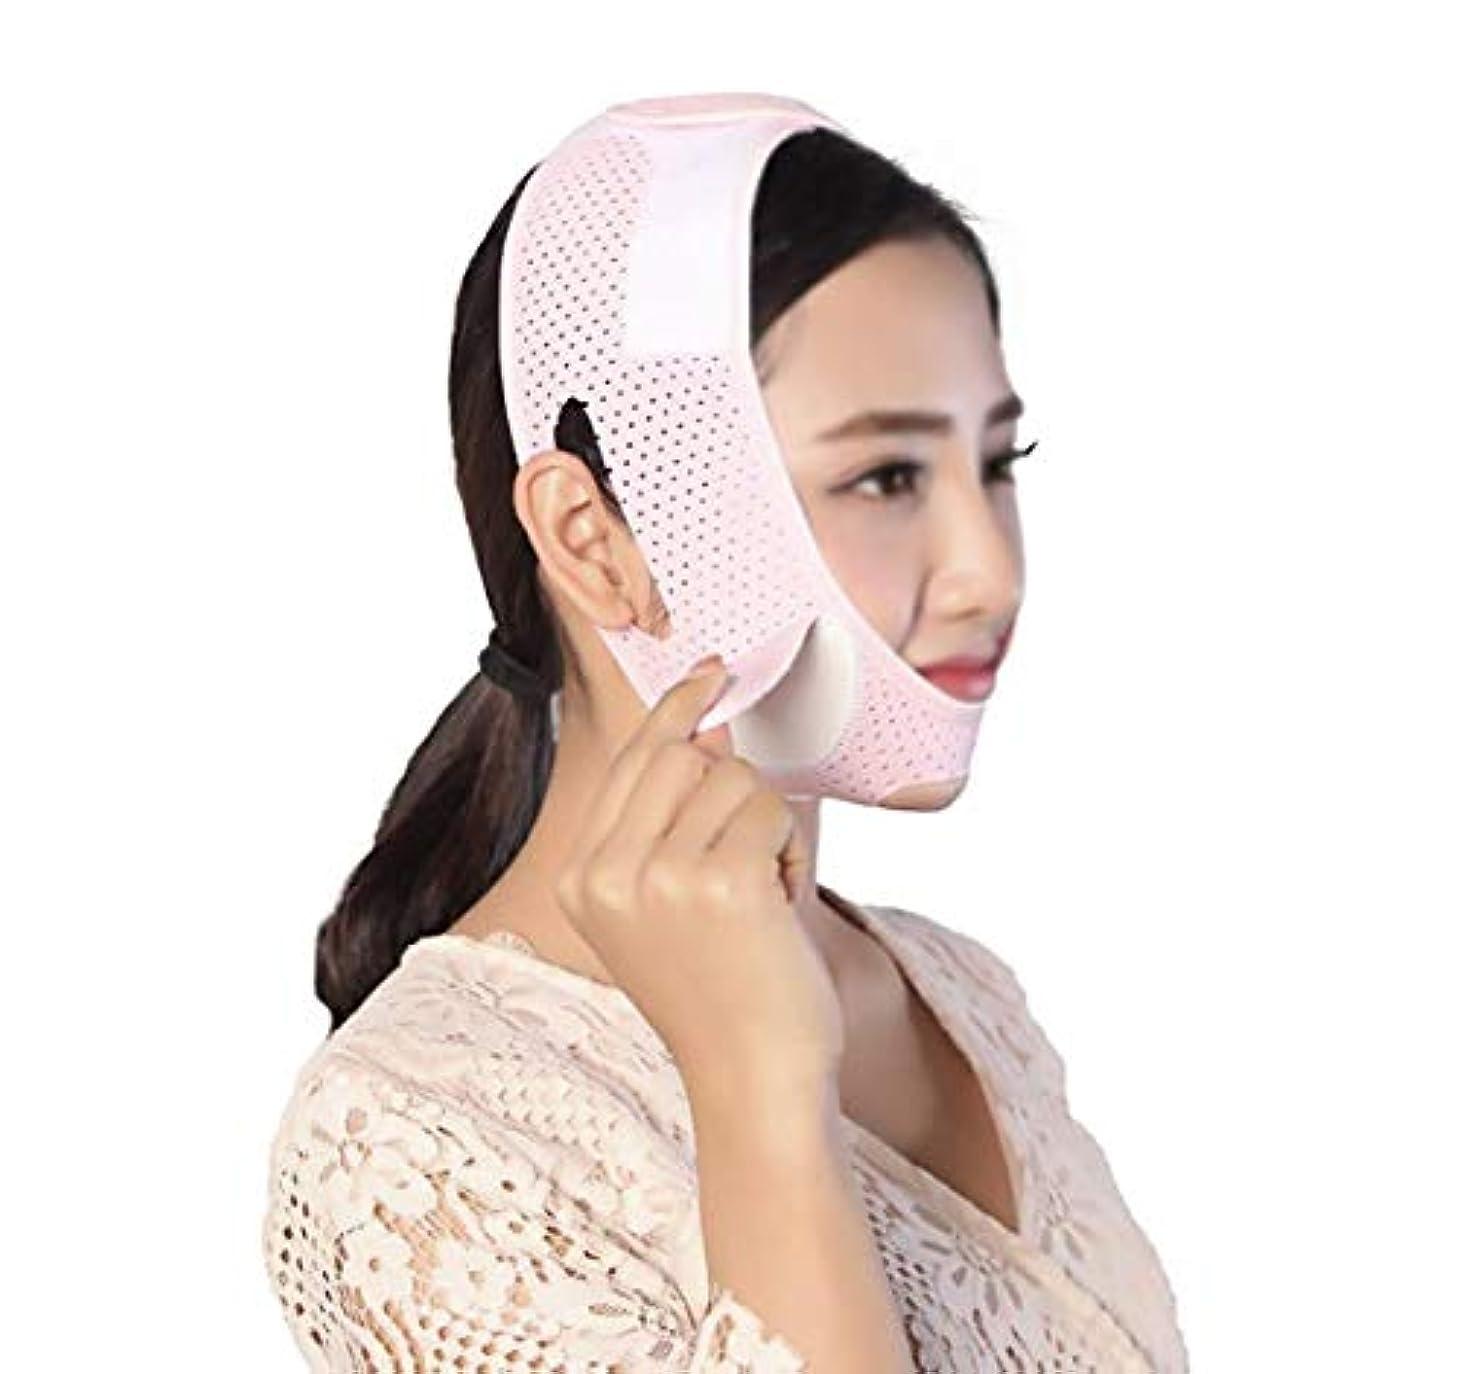 女性砂漠増加する顔と首を持ち上げる術後弾性セットVフェイスマスクは、チンV顔アーティファクト回復サポートベルトの収縮の調整を強化します。